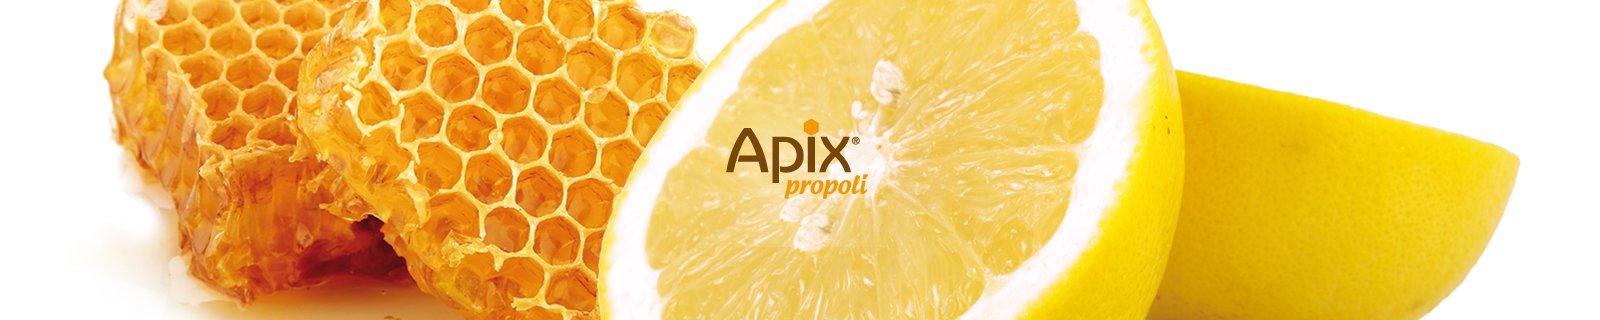 Apix Propoli Bios Line